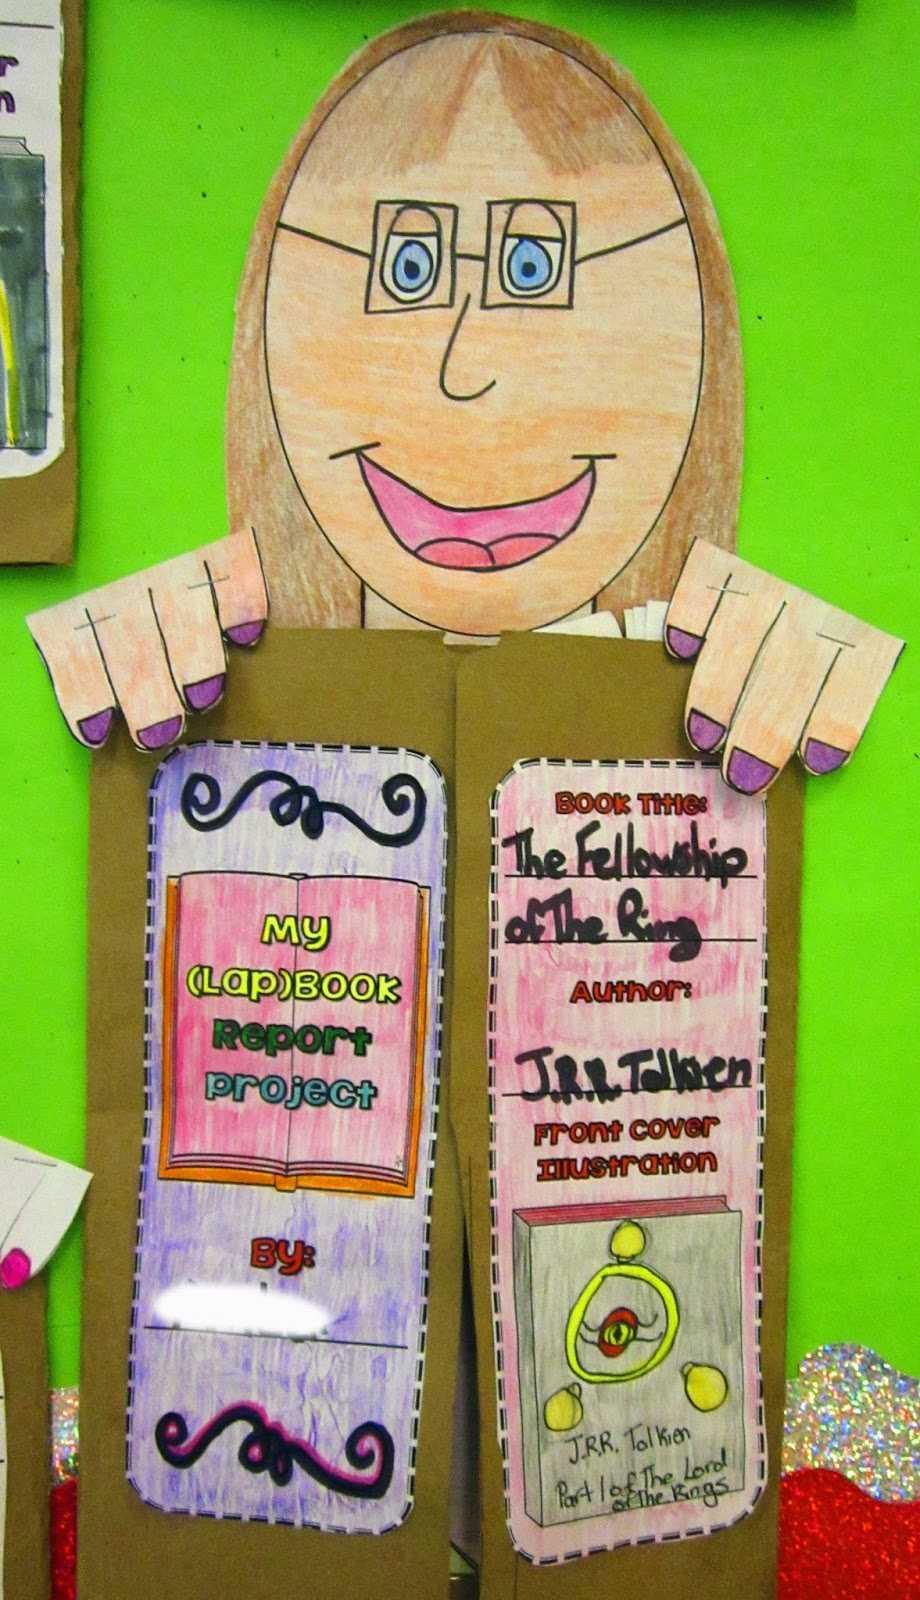 Paper Bag Book Report Template - Atlantaauctionco for Paper Bag Book Report Template